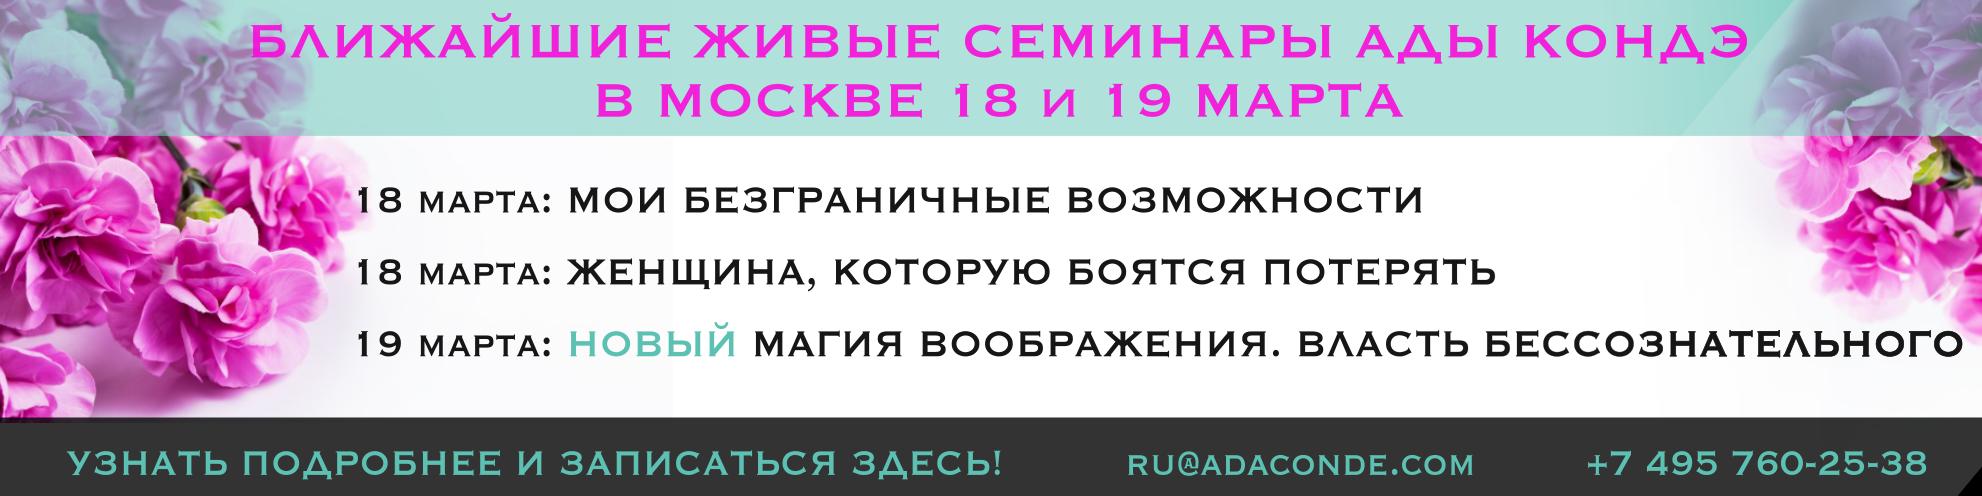 02022017_АНОНС_3